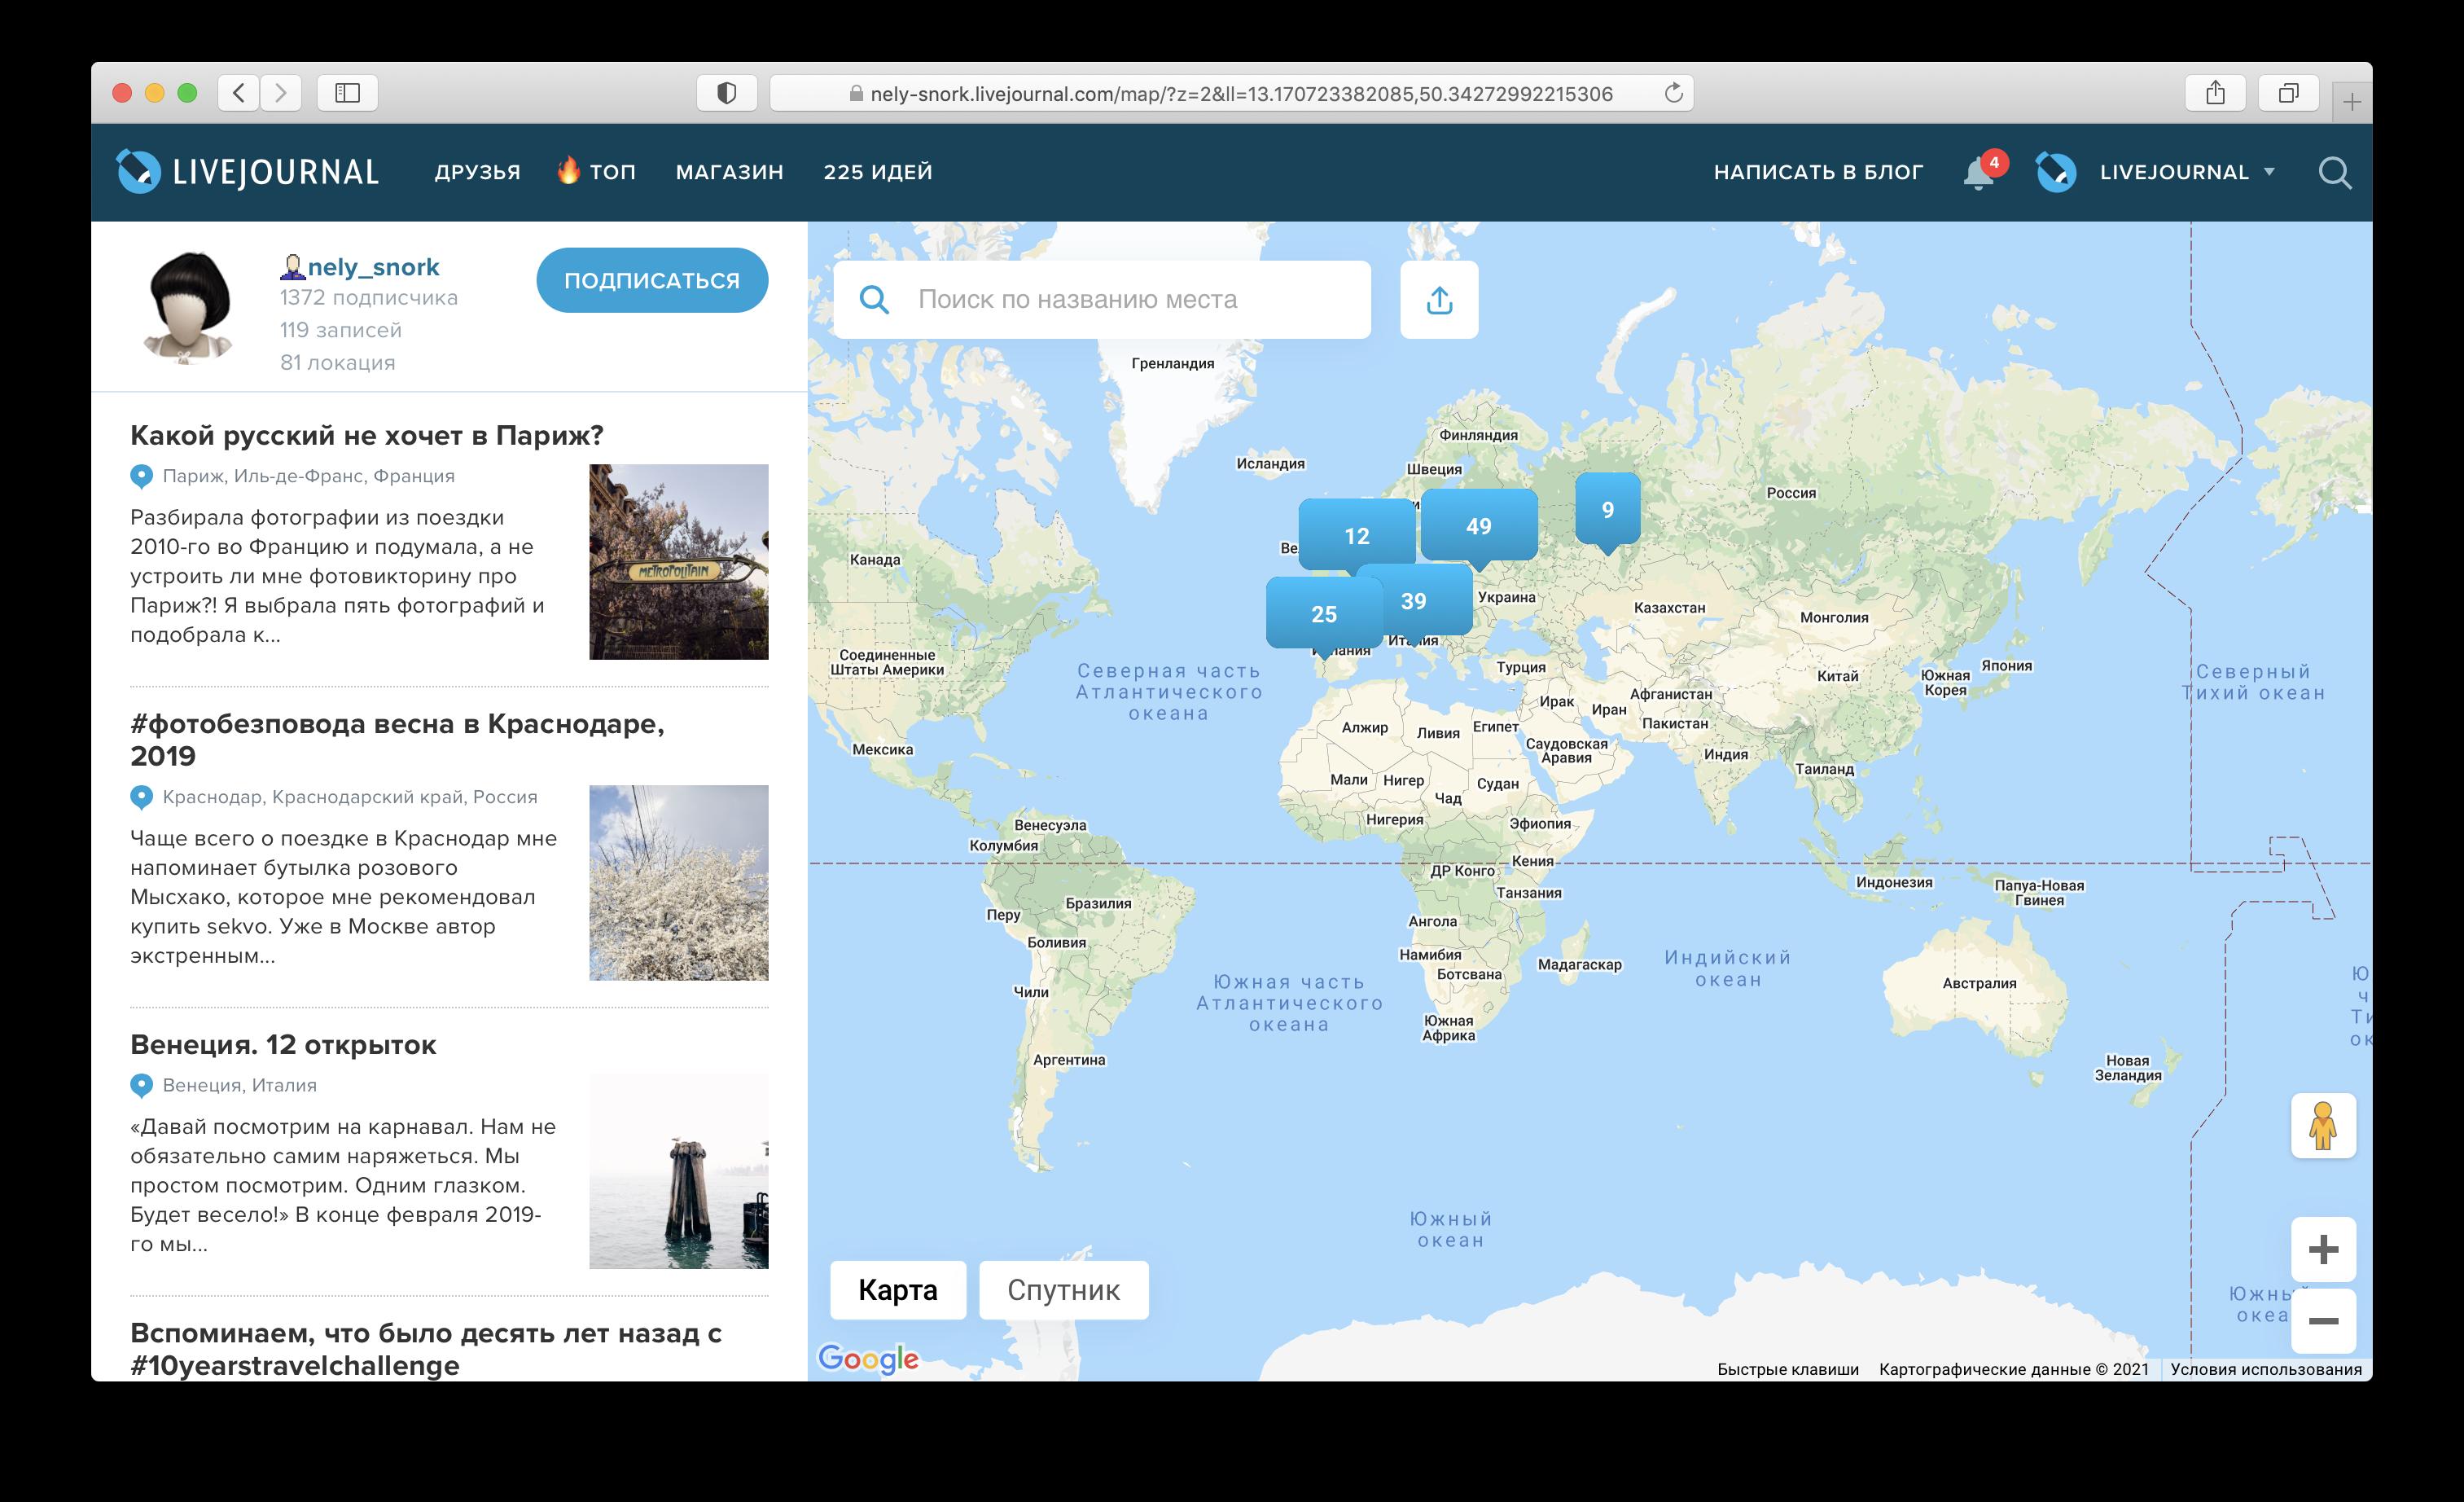 Карта путешествий @nely_snork